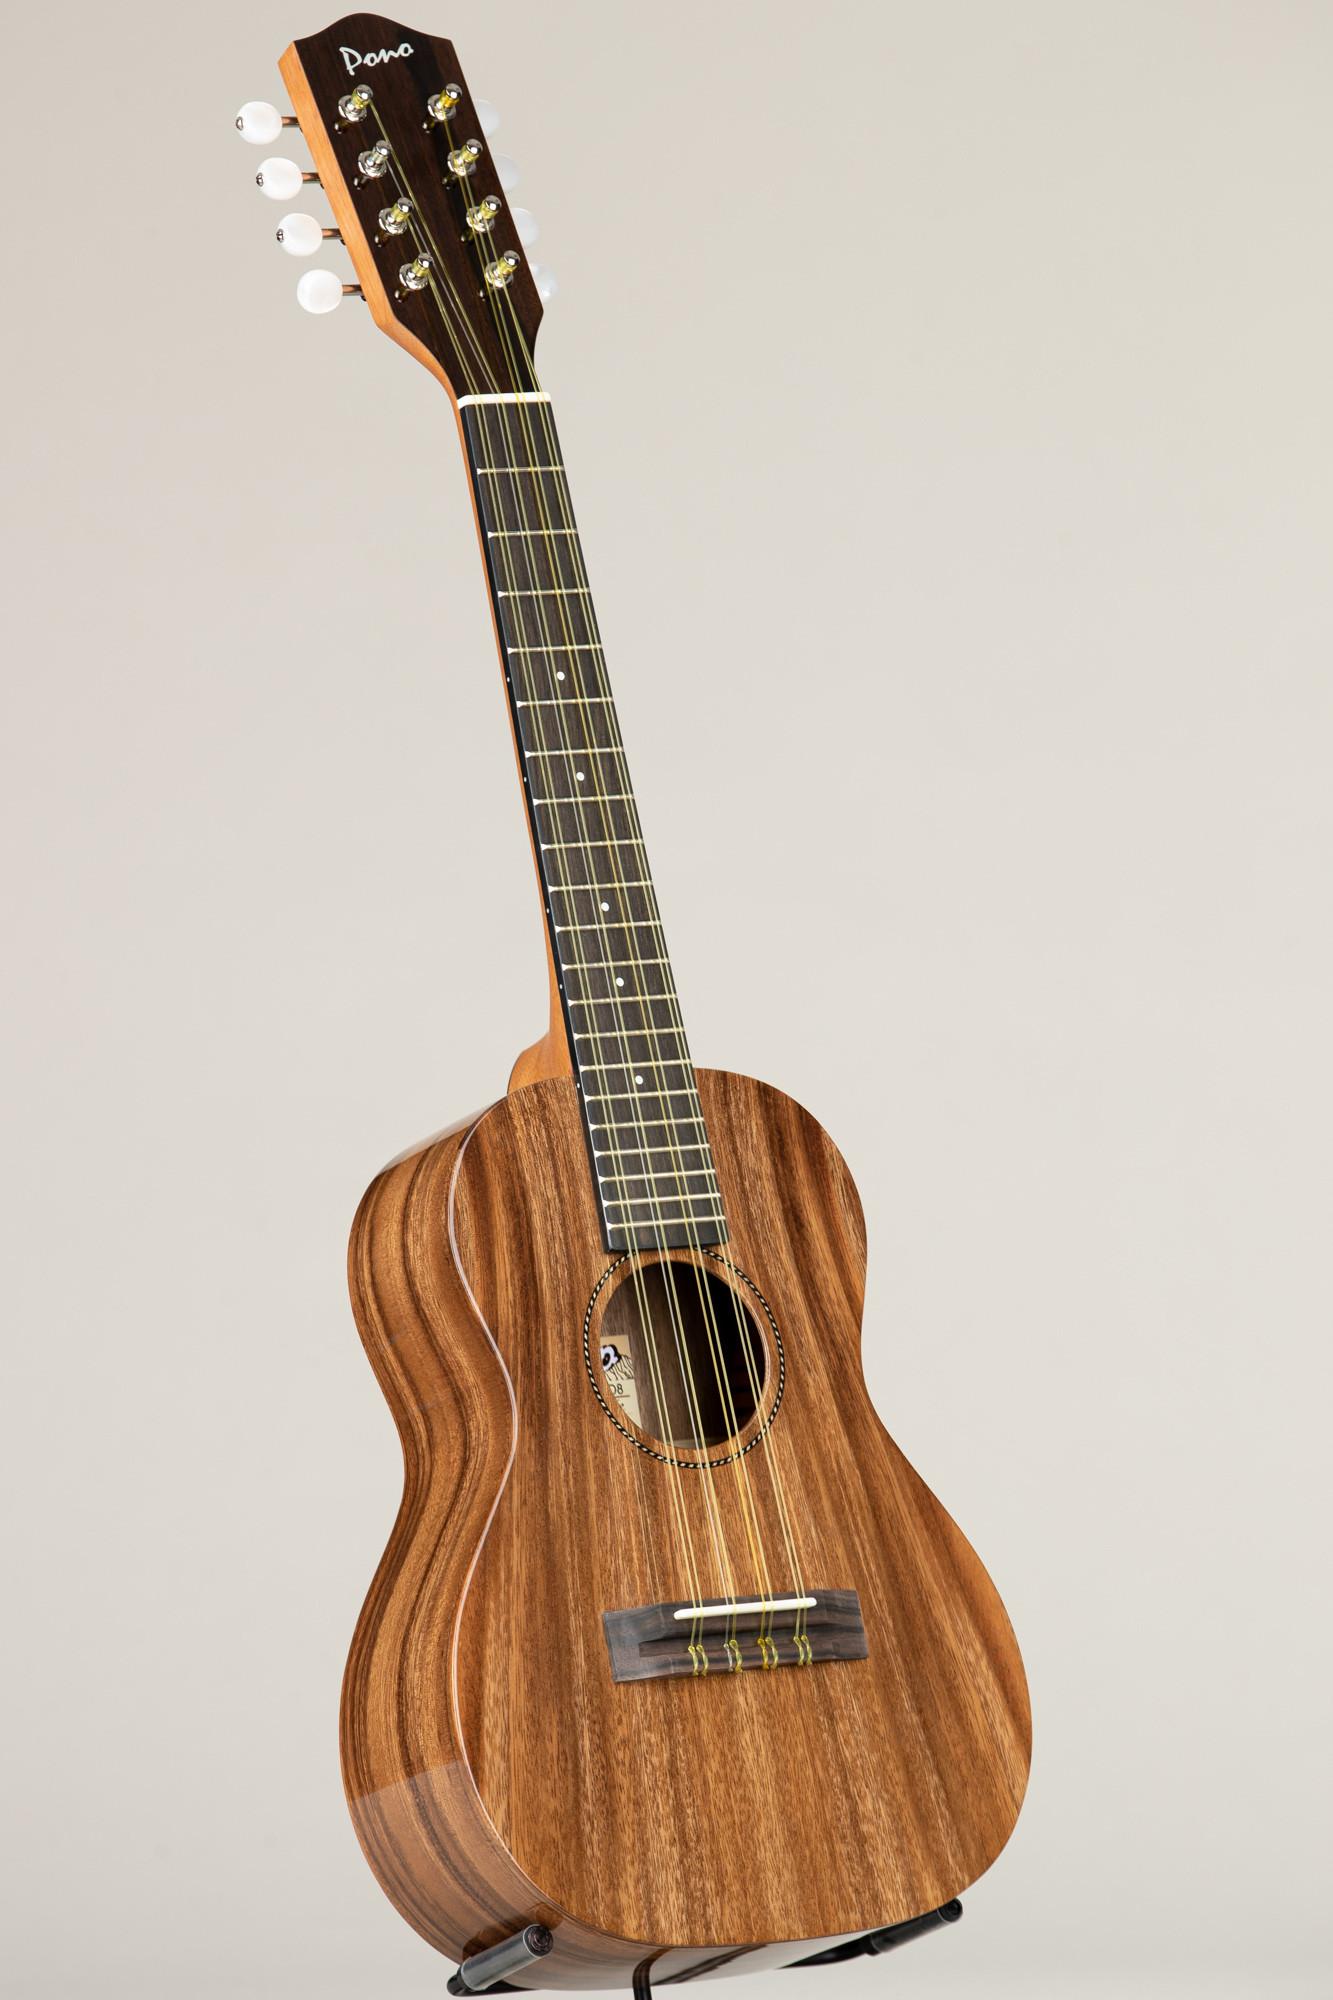 Pono Acacia Tenor Deluxe Eight String (ATD-8 4285)